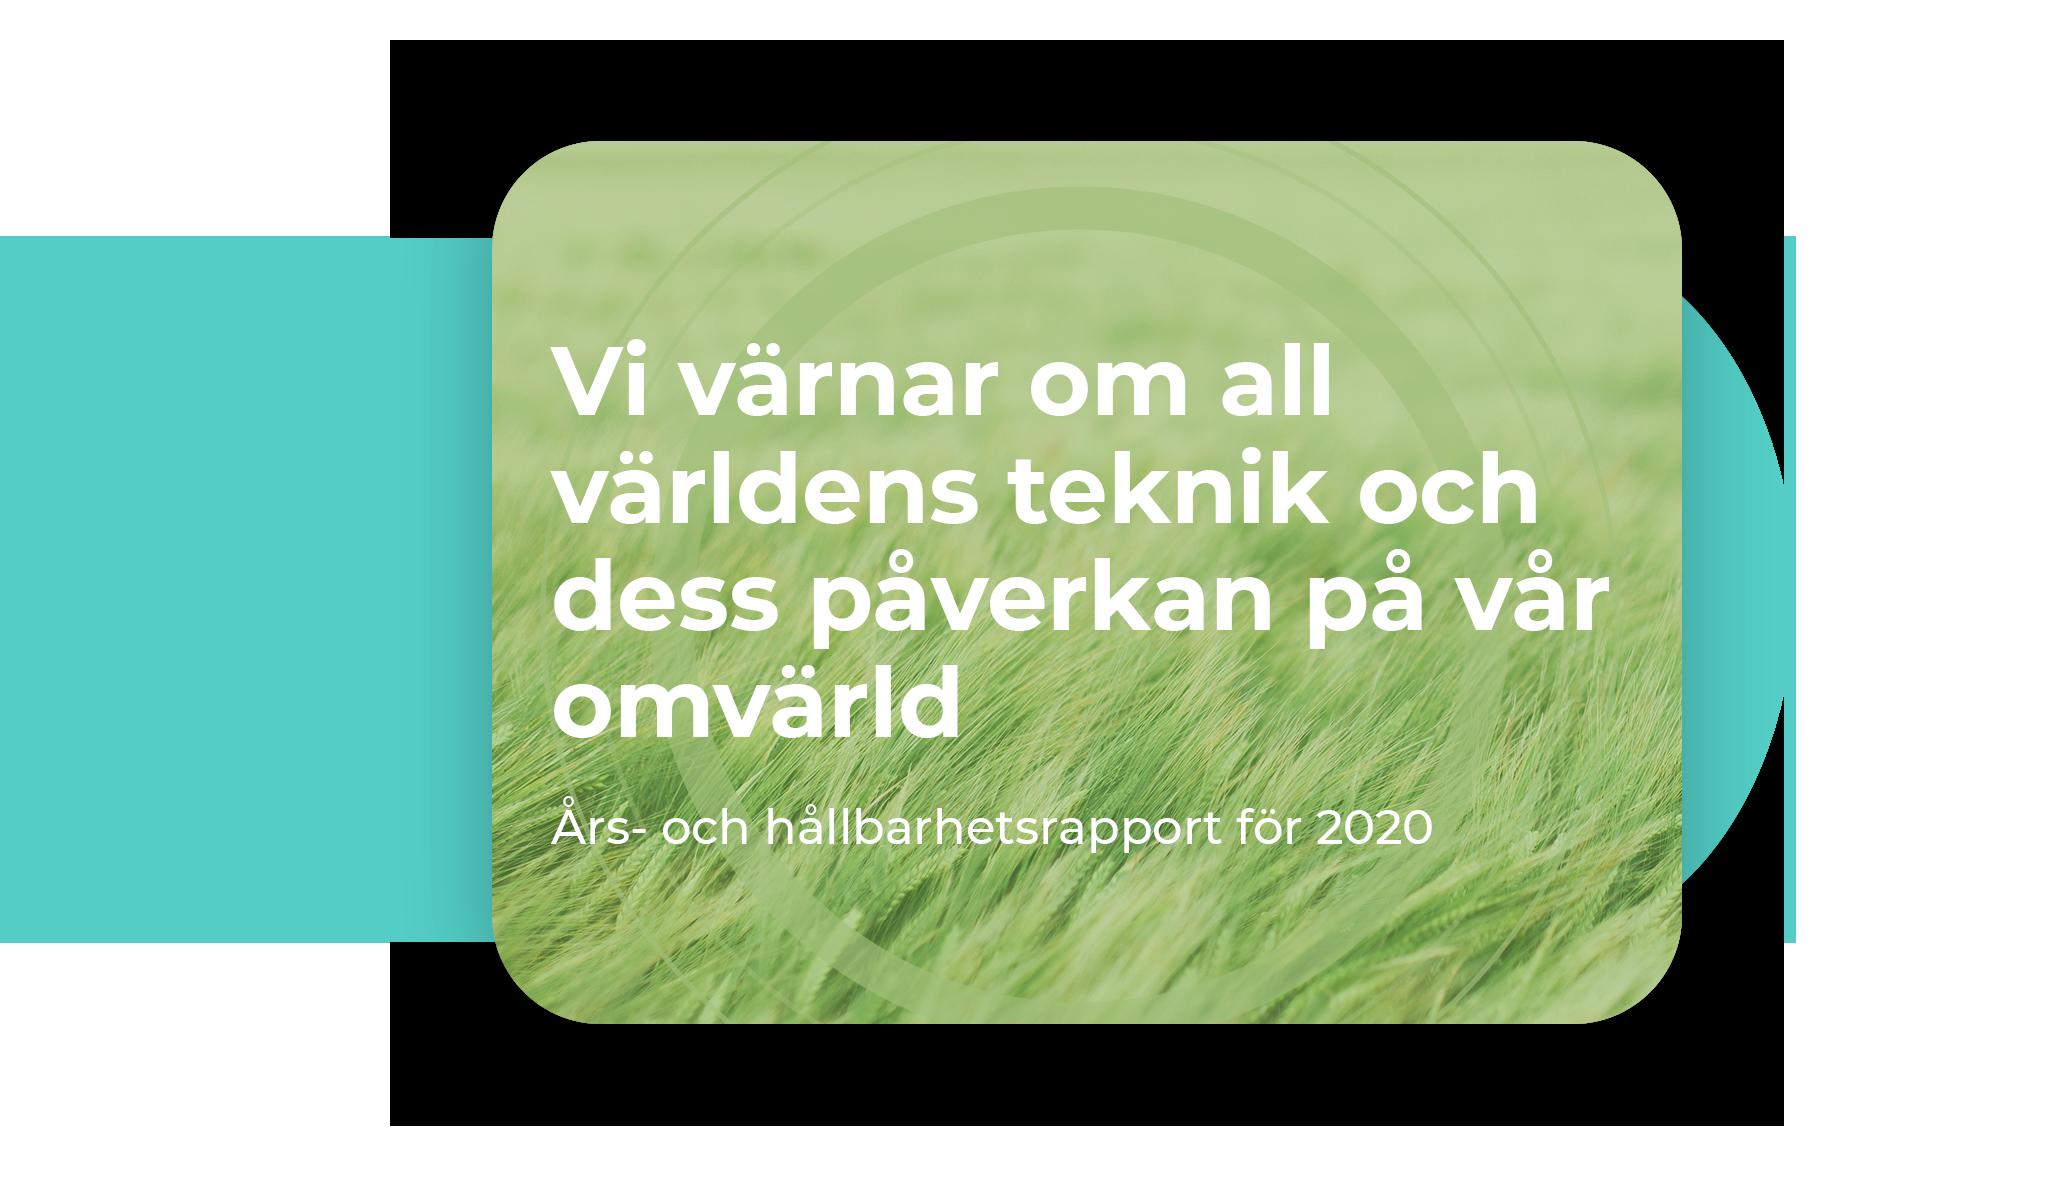 hallbarhetsrapport-2020-3stepit-1